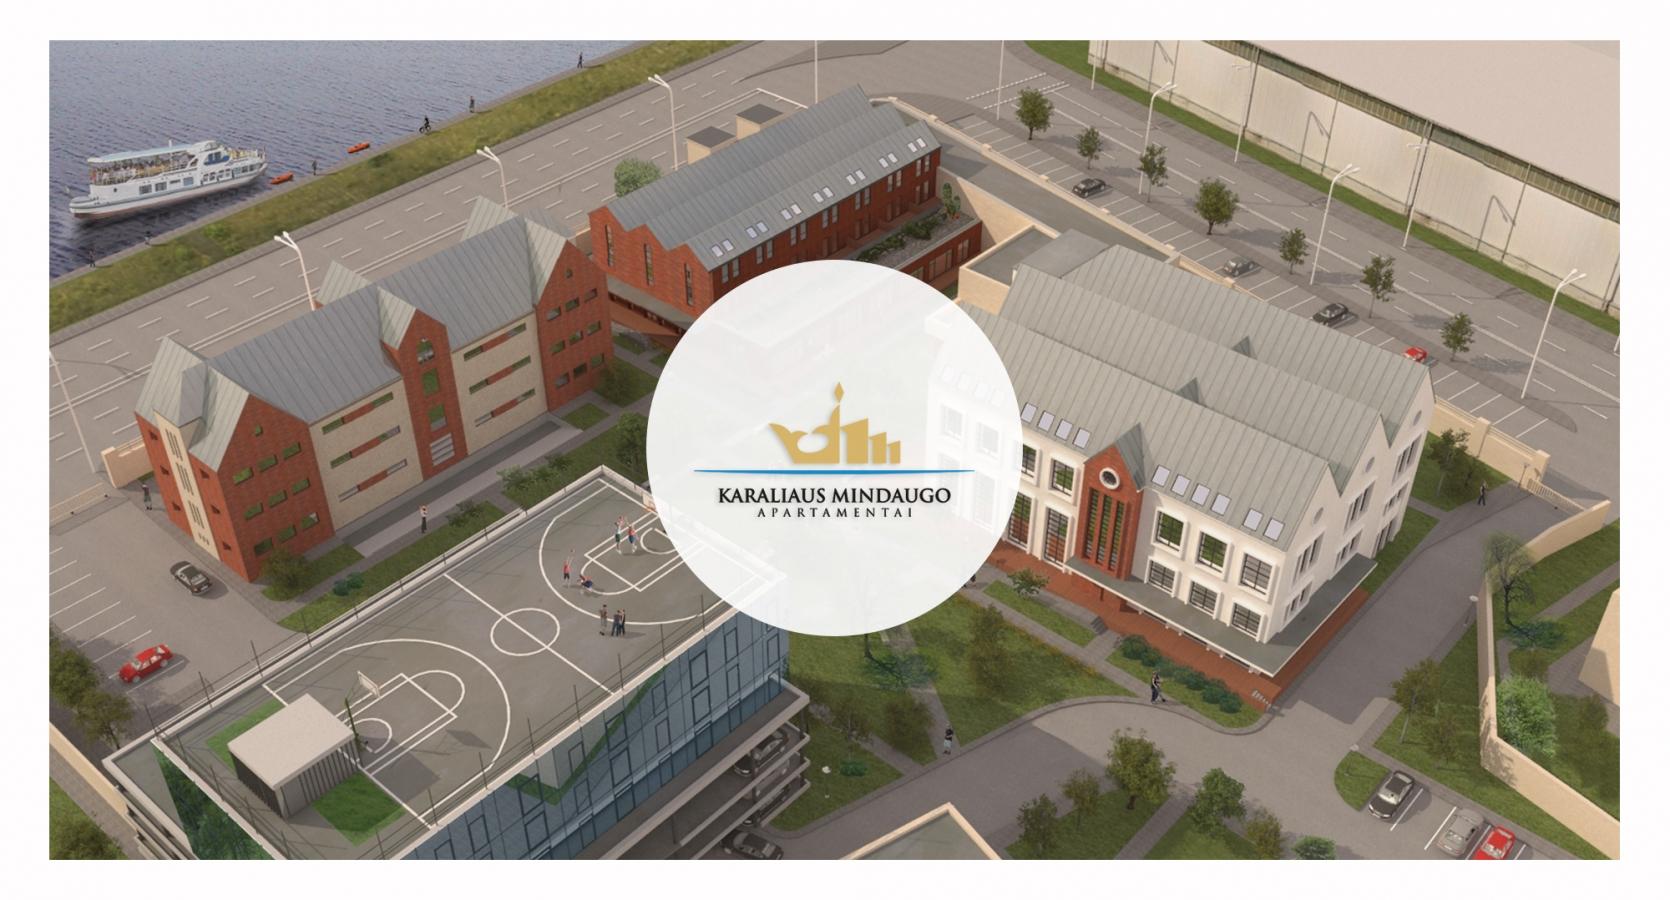 Esame nuoseklūs, atsakingi ir profesionalūs logotipų, prekinių ženklų bei firminio stiliaus kūrėjai! Logotipo, prekinio ženklo, firminio stiliaus sukūrimas: Vilniuje, Kaune, Šiauliuose, Klaipėdoje, Panevėžyje. Logotipo kūrimas - PIXELART.LT